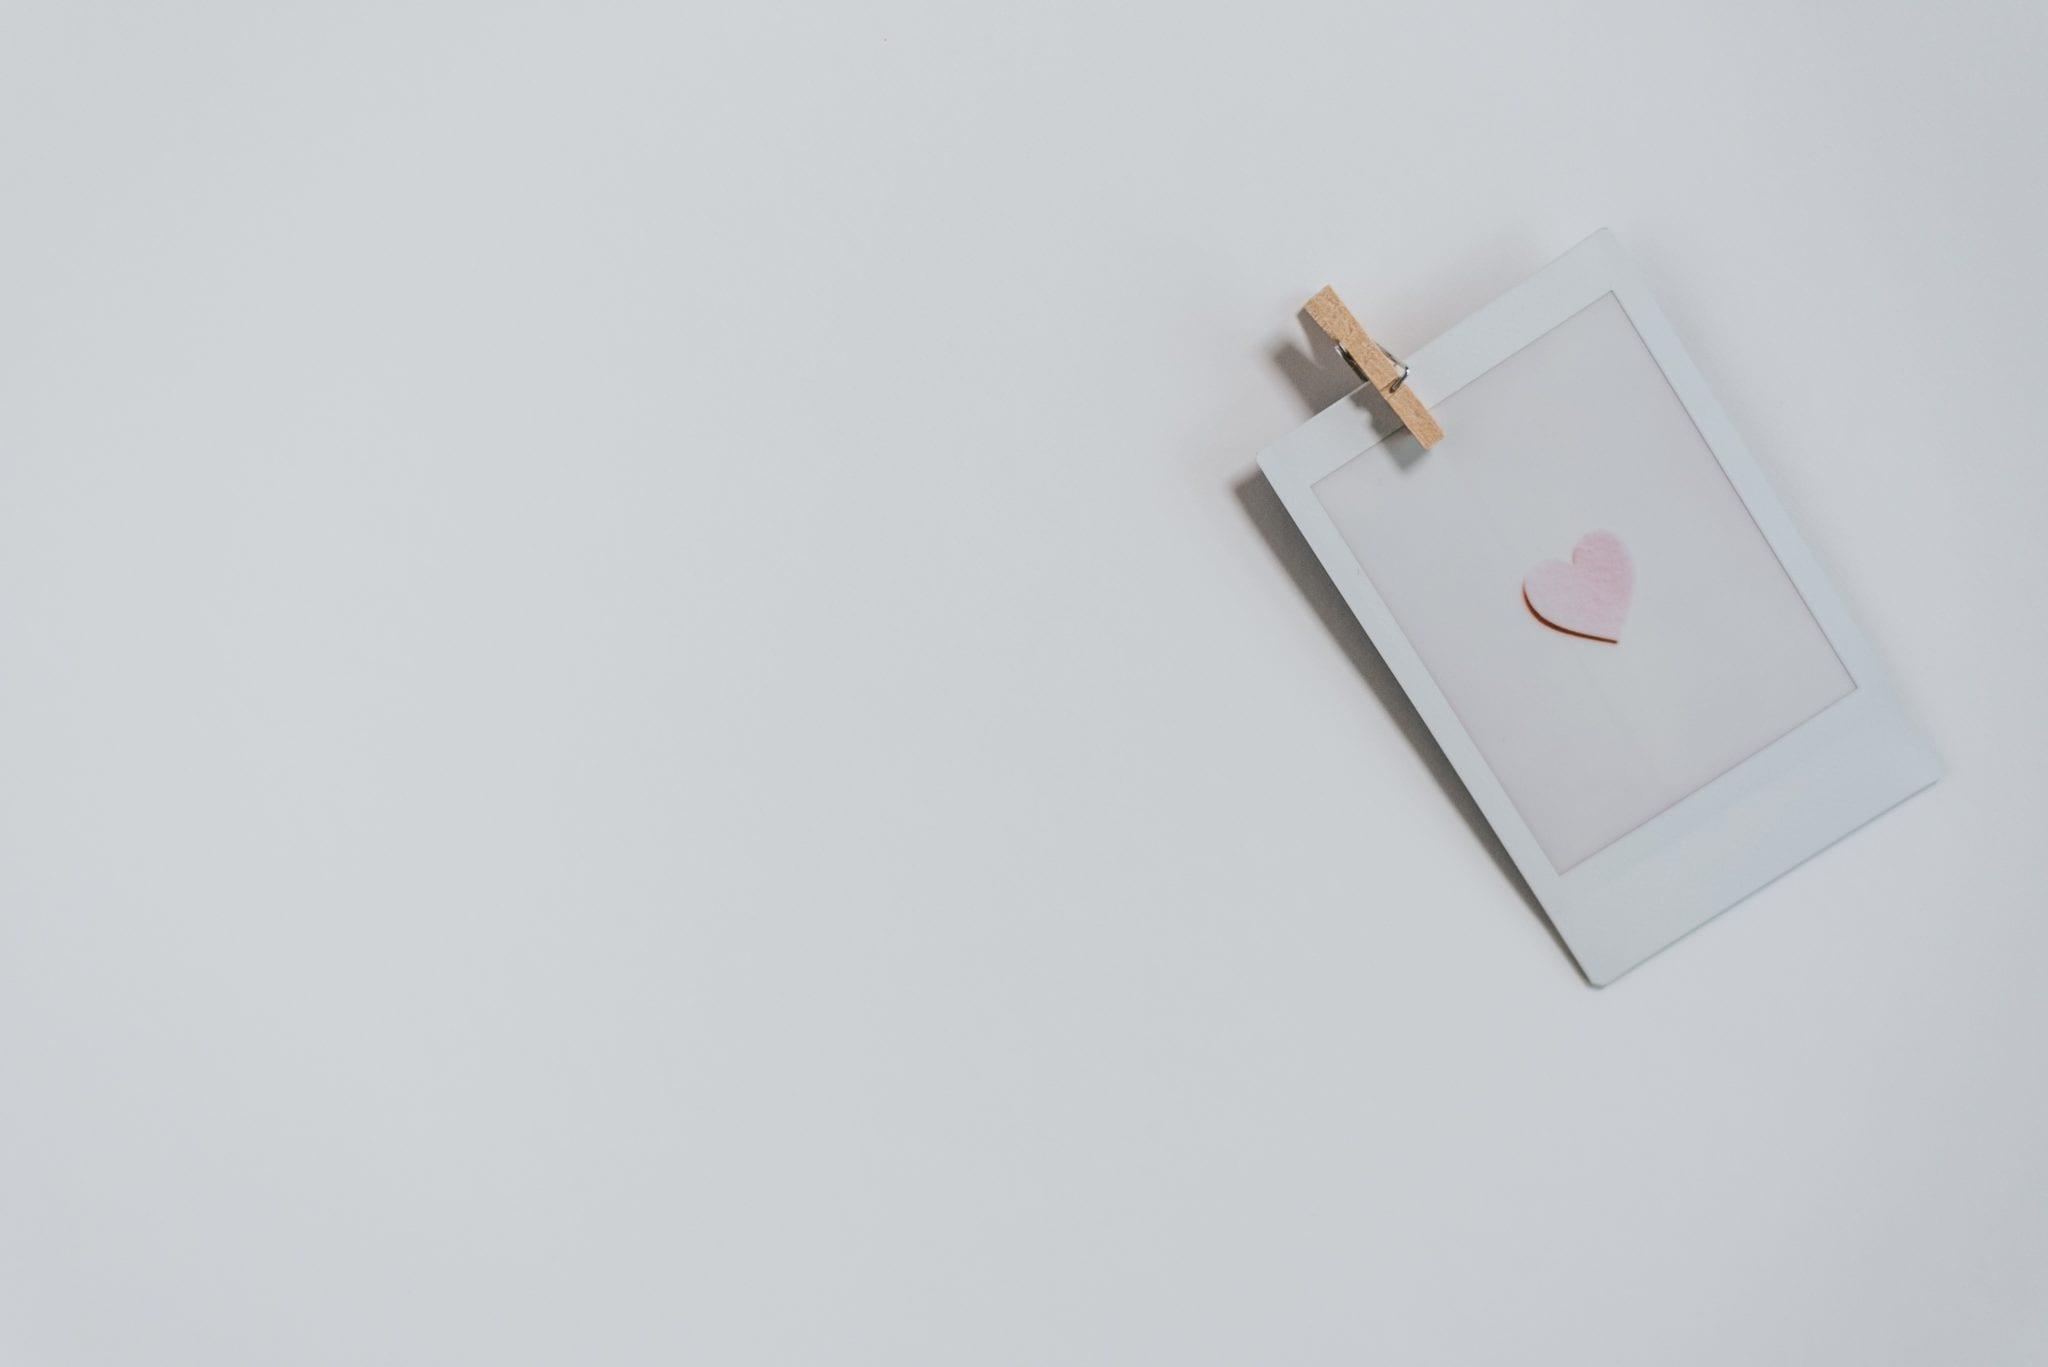 浮誇文體母親節卡片內容